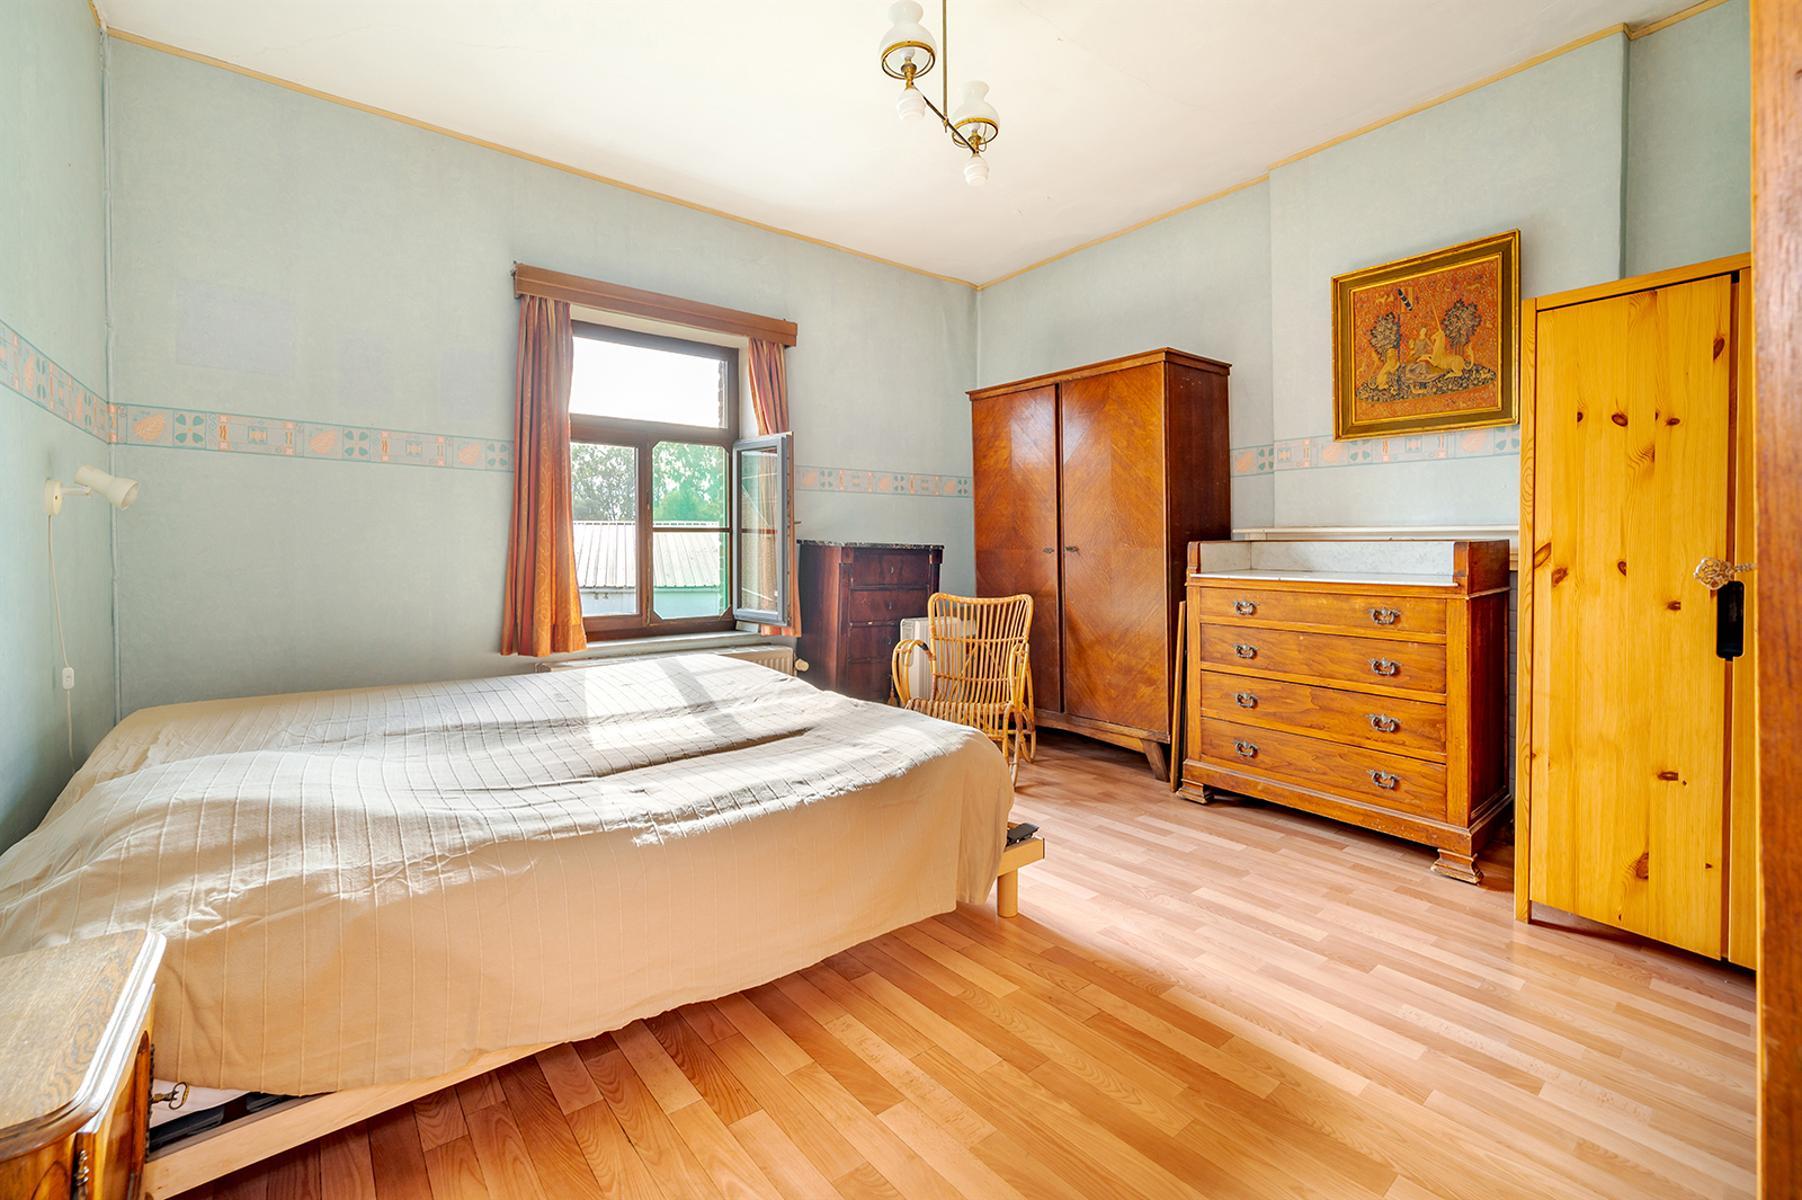 Maison - Braives Villeen-Hesbaye - #4496111-13